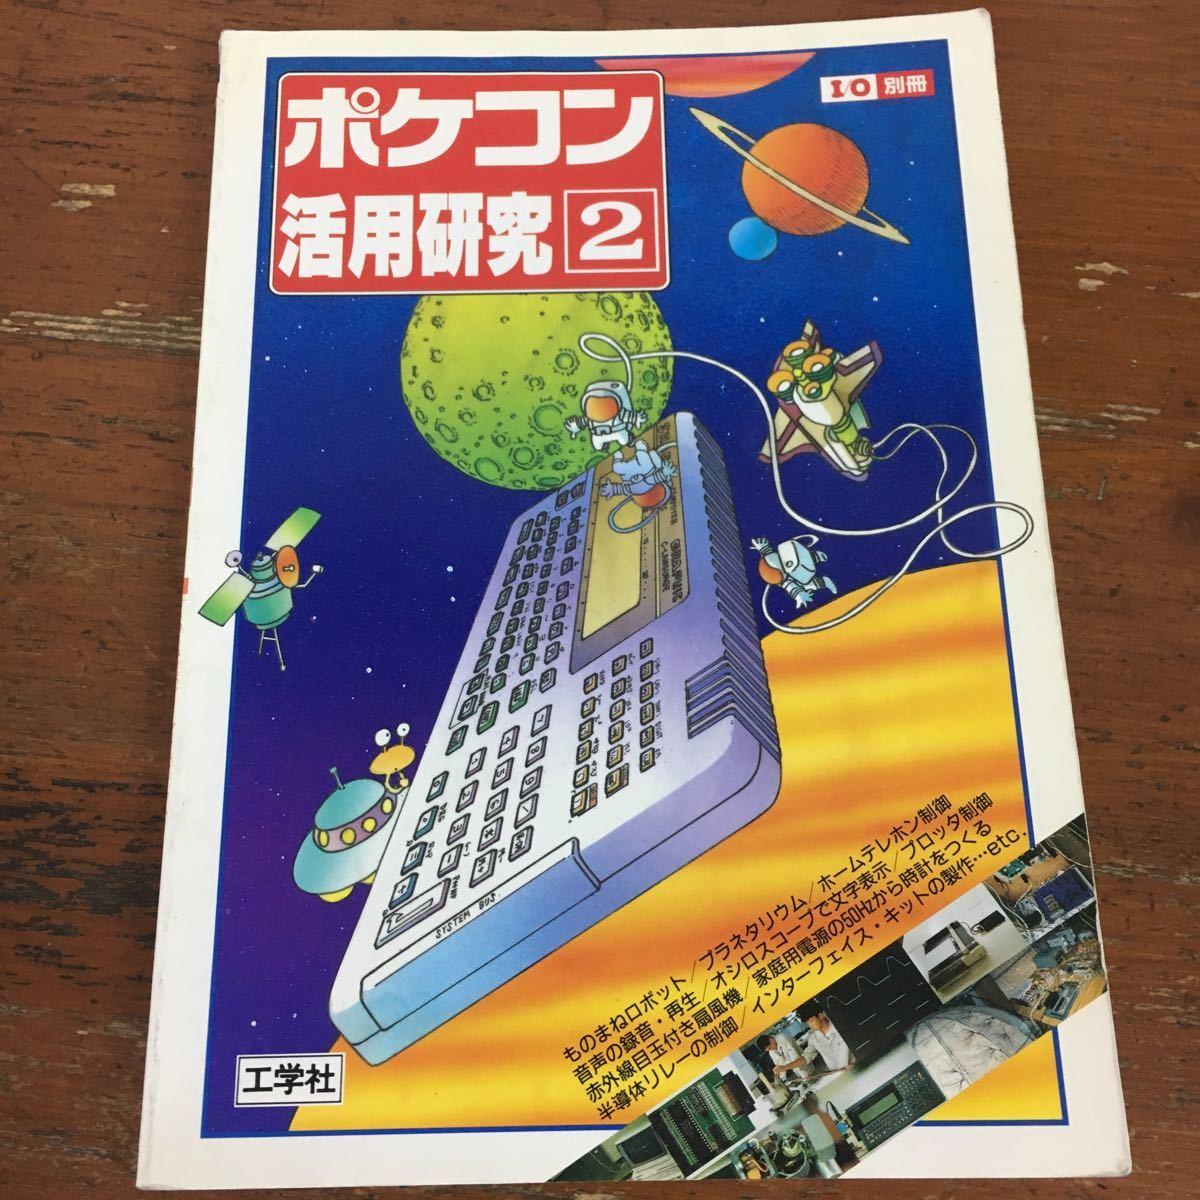 ポケットコンピュータ ポケコン 活用研究 2 工学社 1993年4月1日 初版